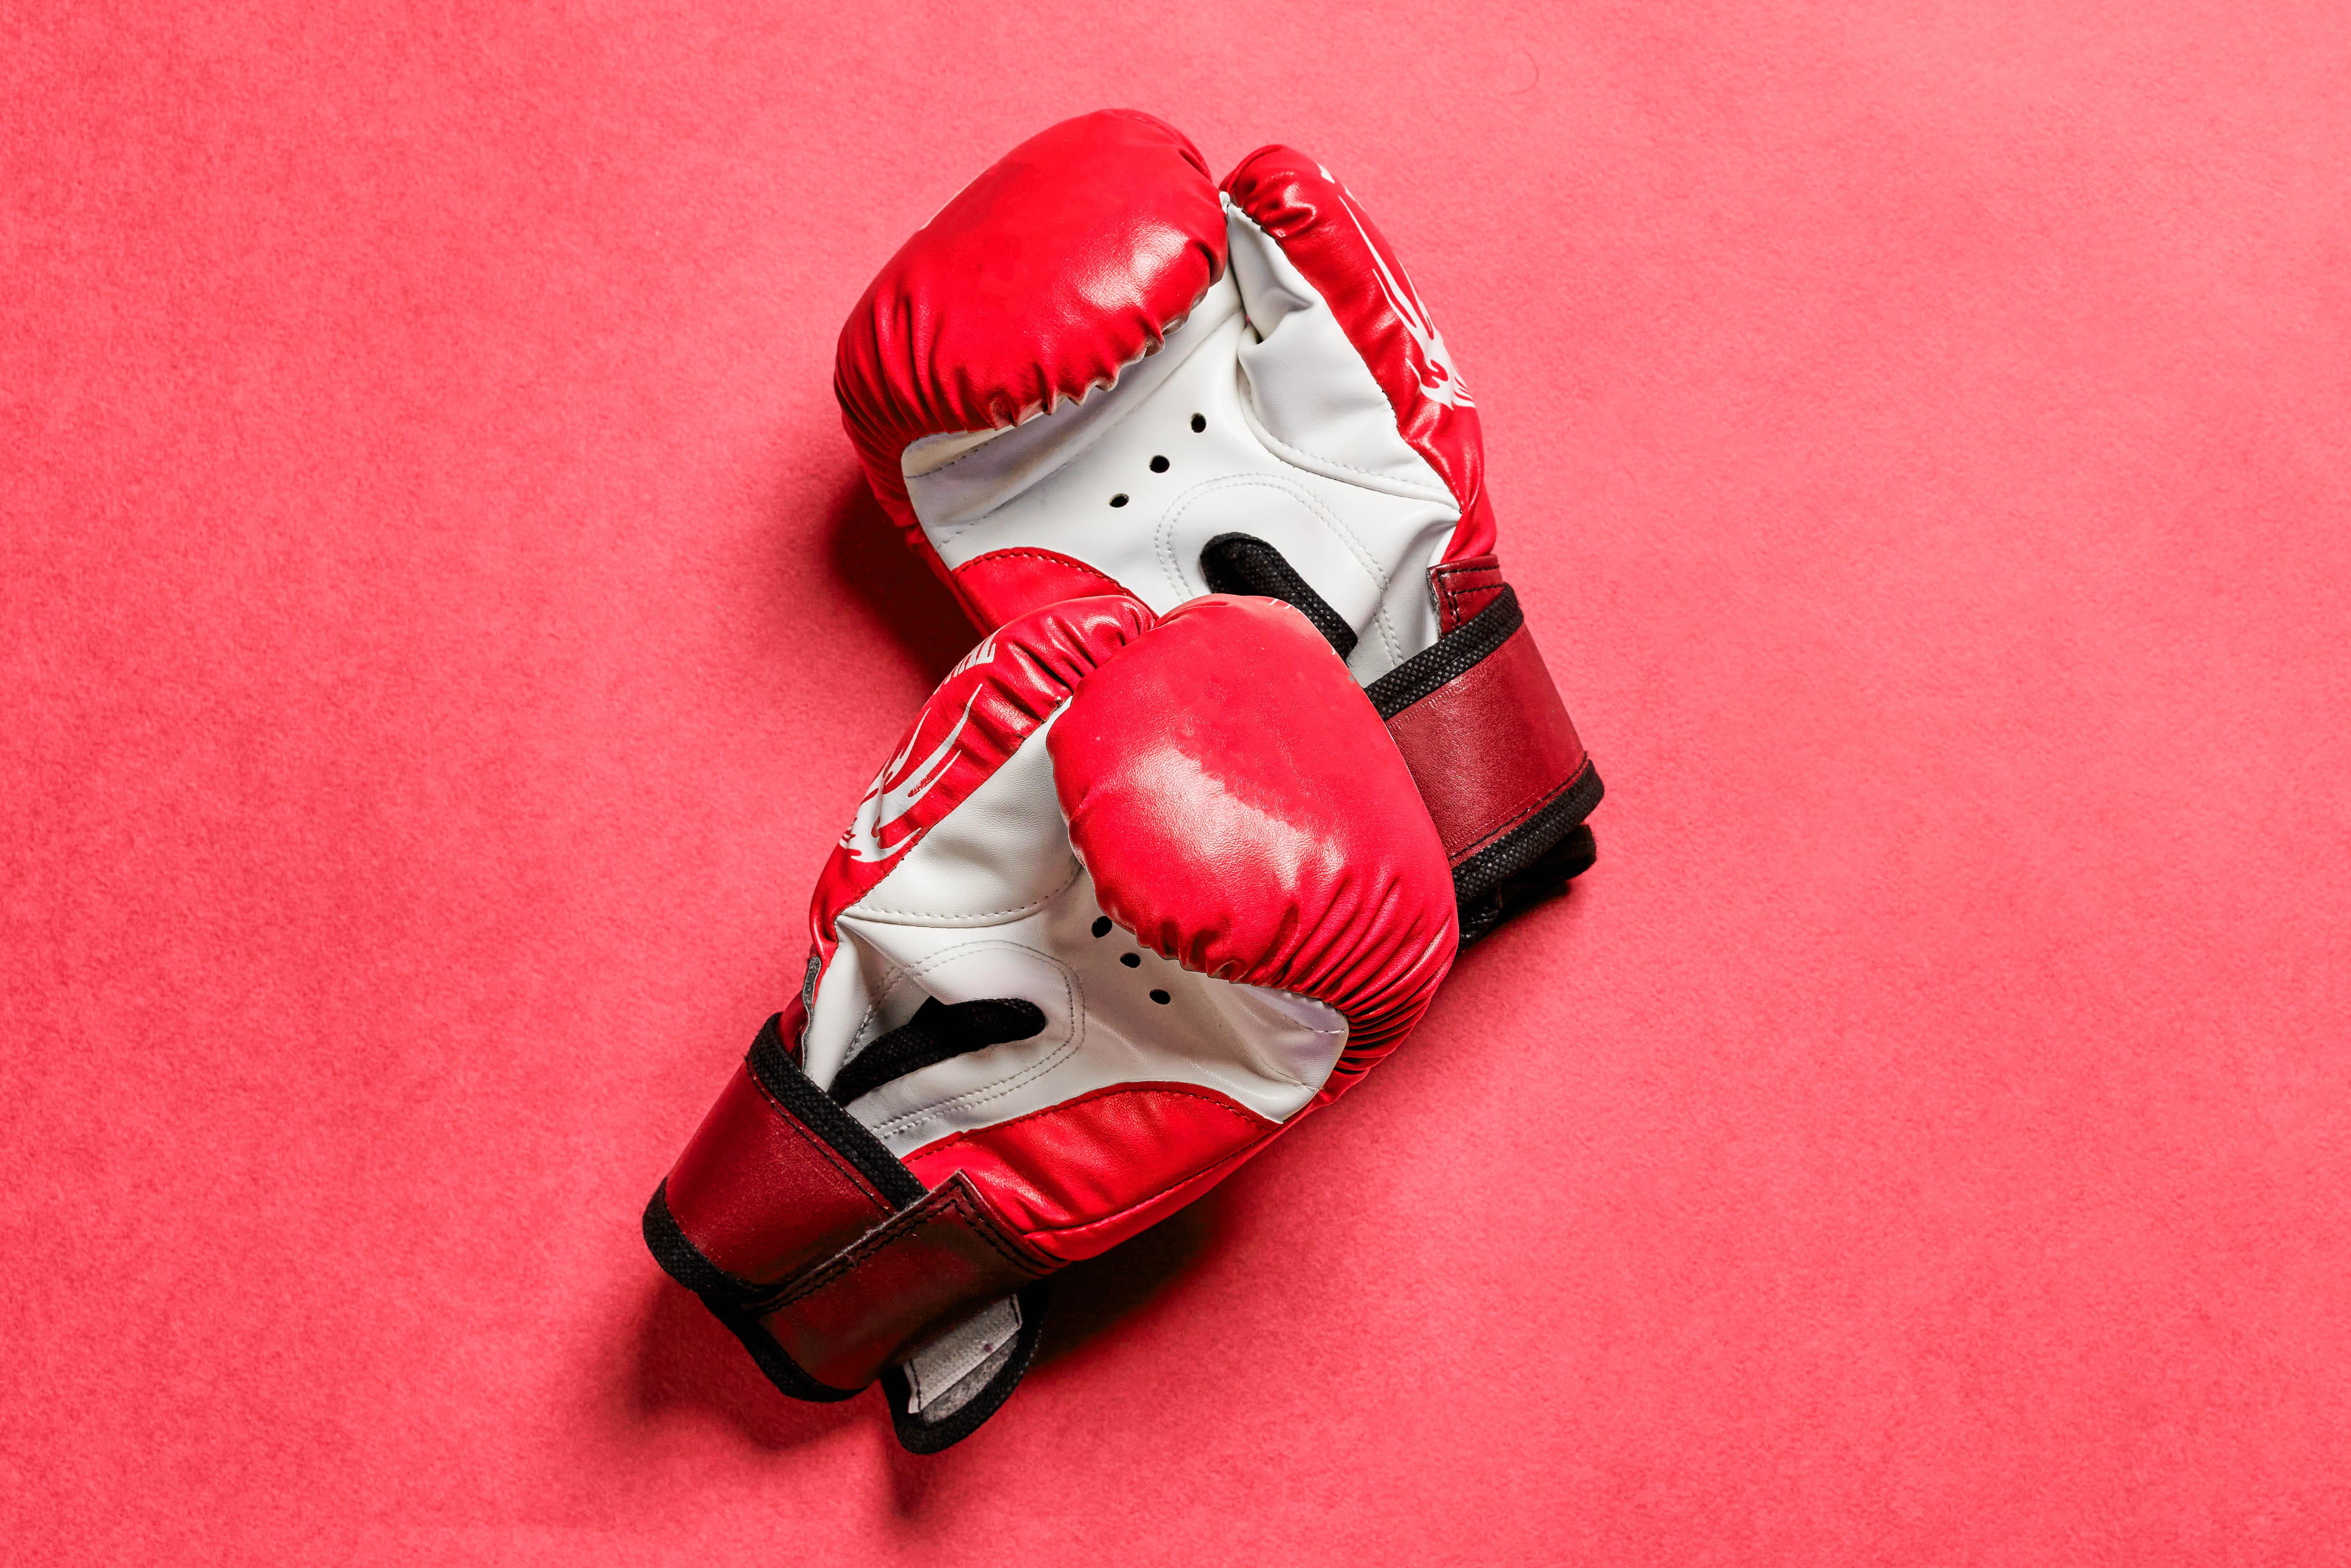 59316 Заставки и Обои Спорт на телефон. Скачать Бокс, Спорт, Перчатки, Красный, Боксерские Перчатки картинки бесплатно